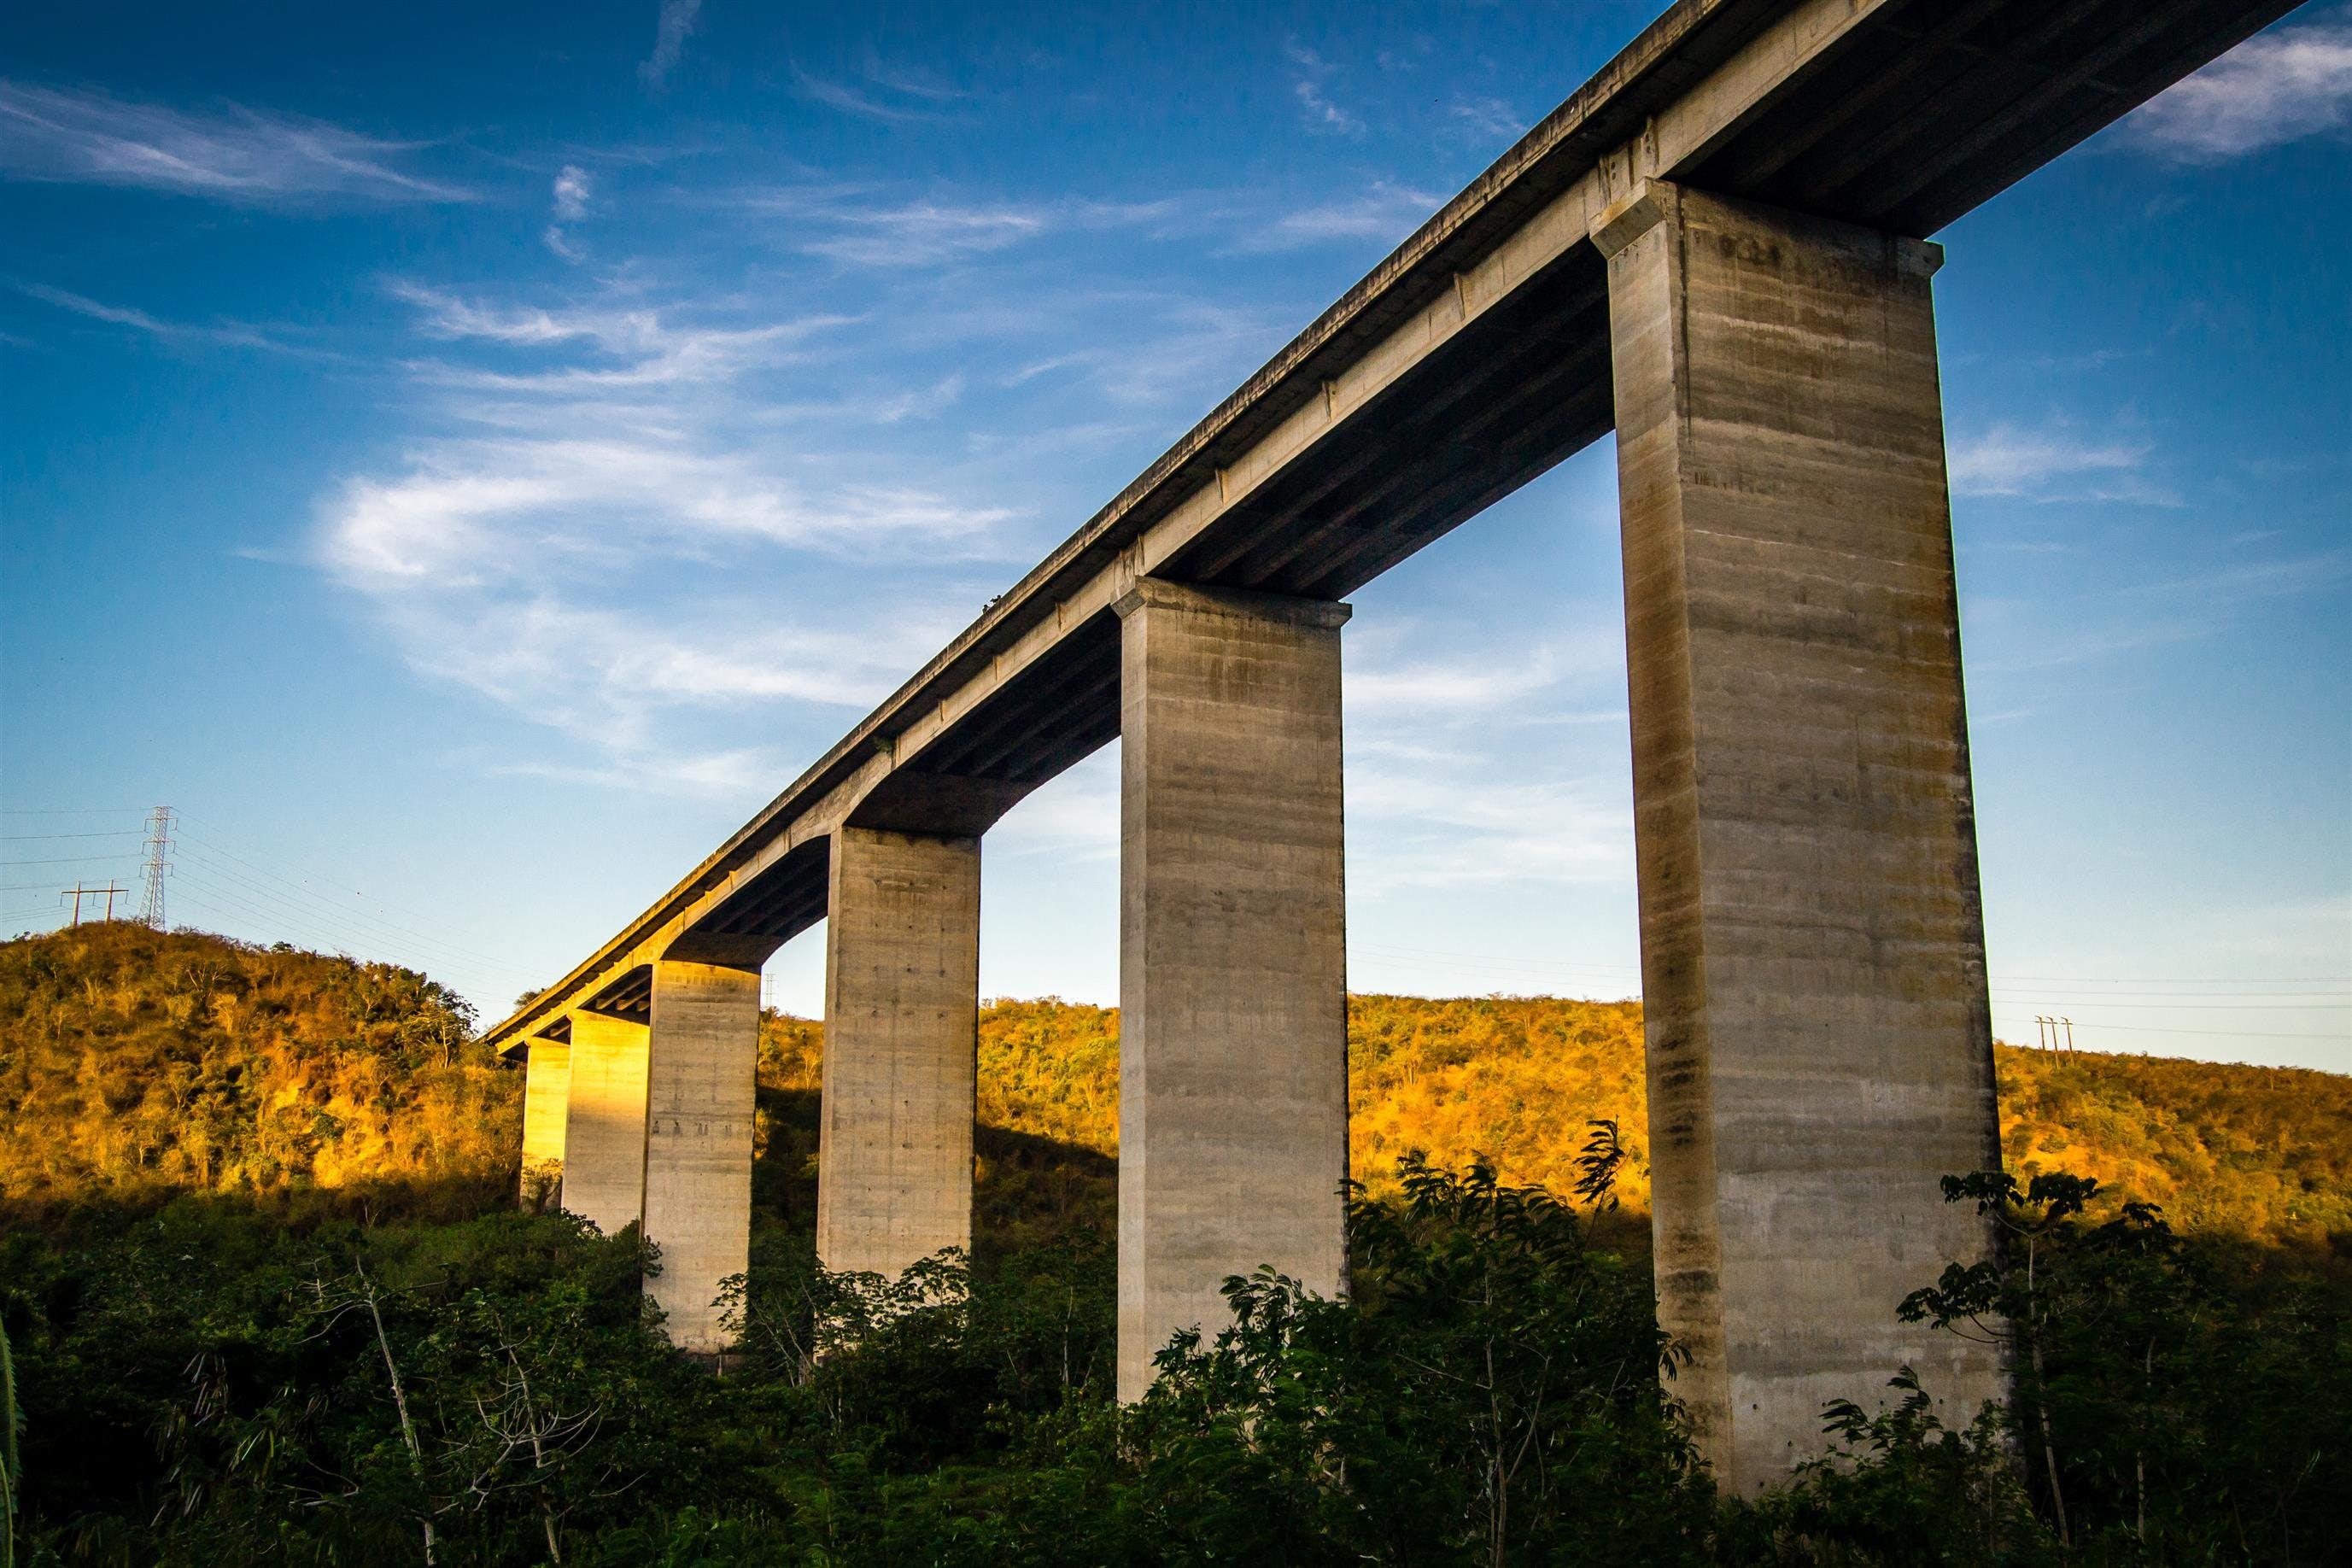 Bridge by Land